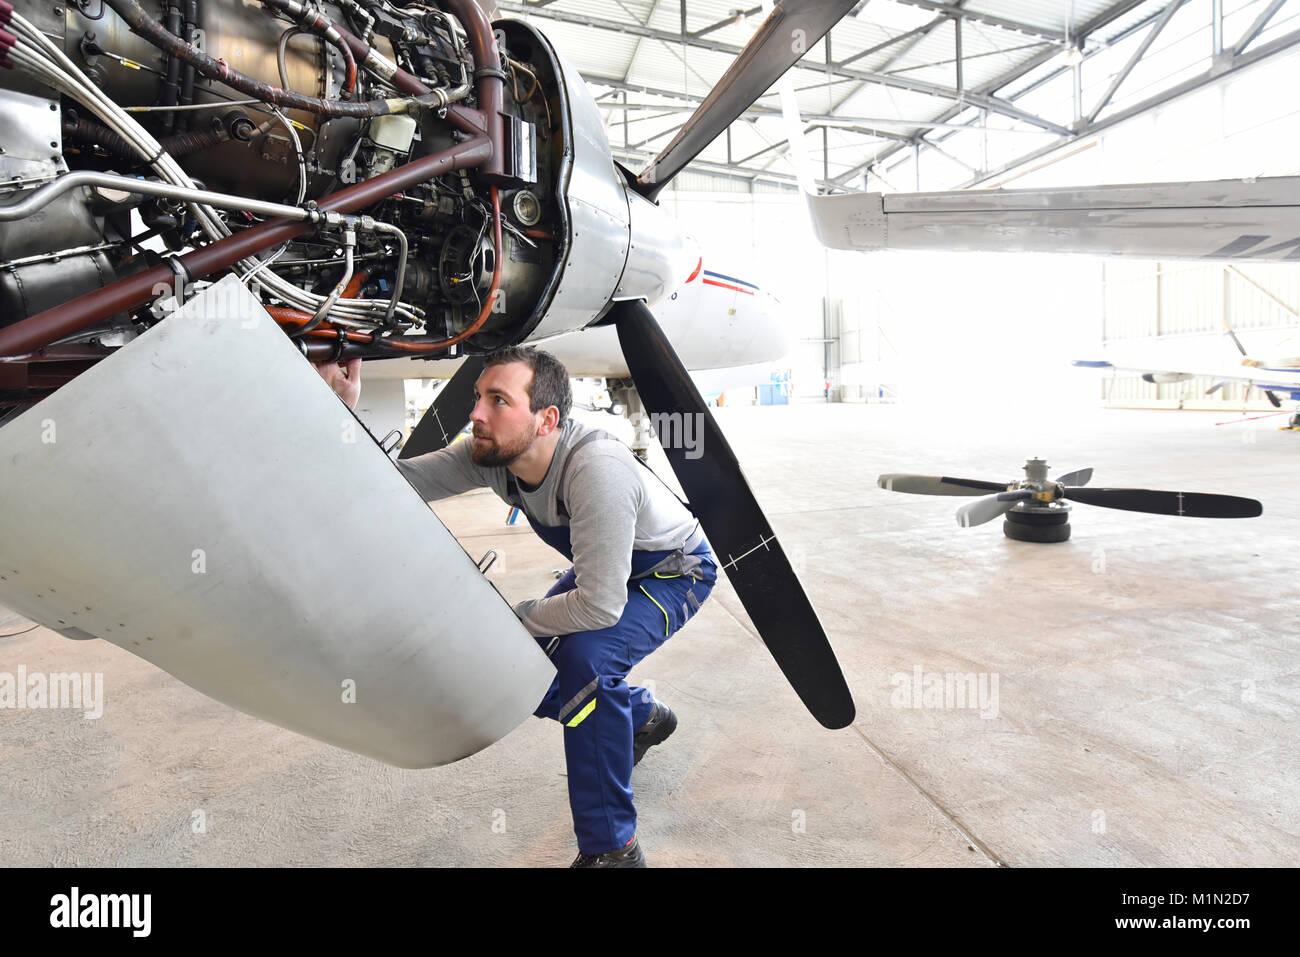 Fluggerätmechaniker Reparaturen Triebwerk in einem Flughafen Hangar Stockfoto